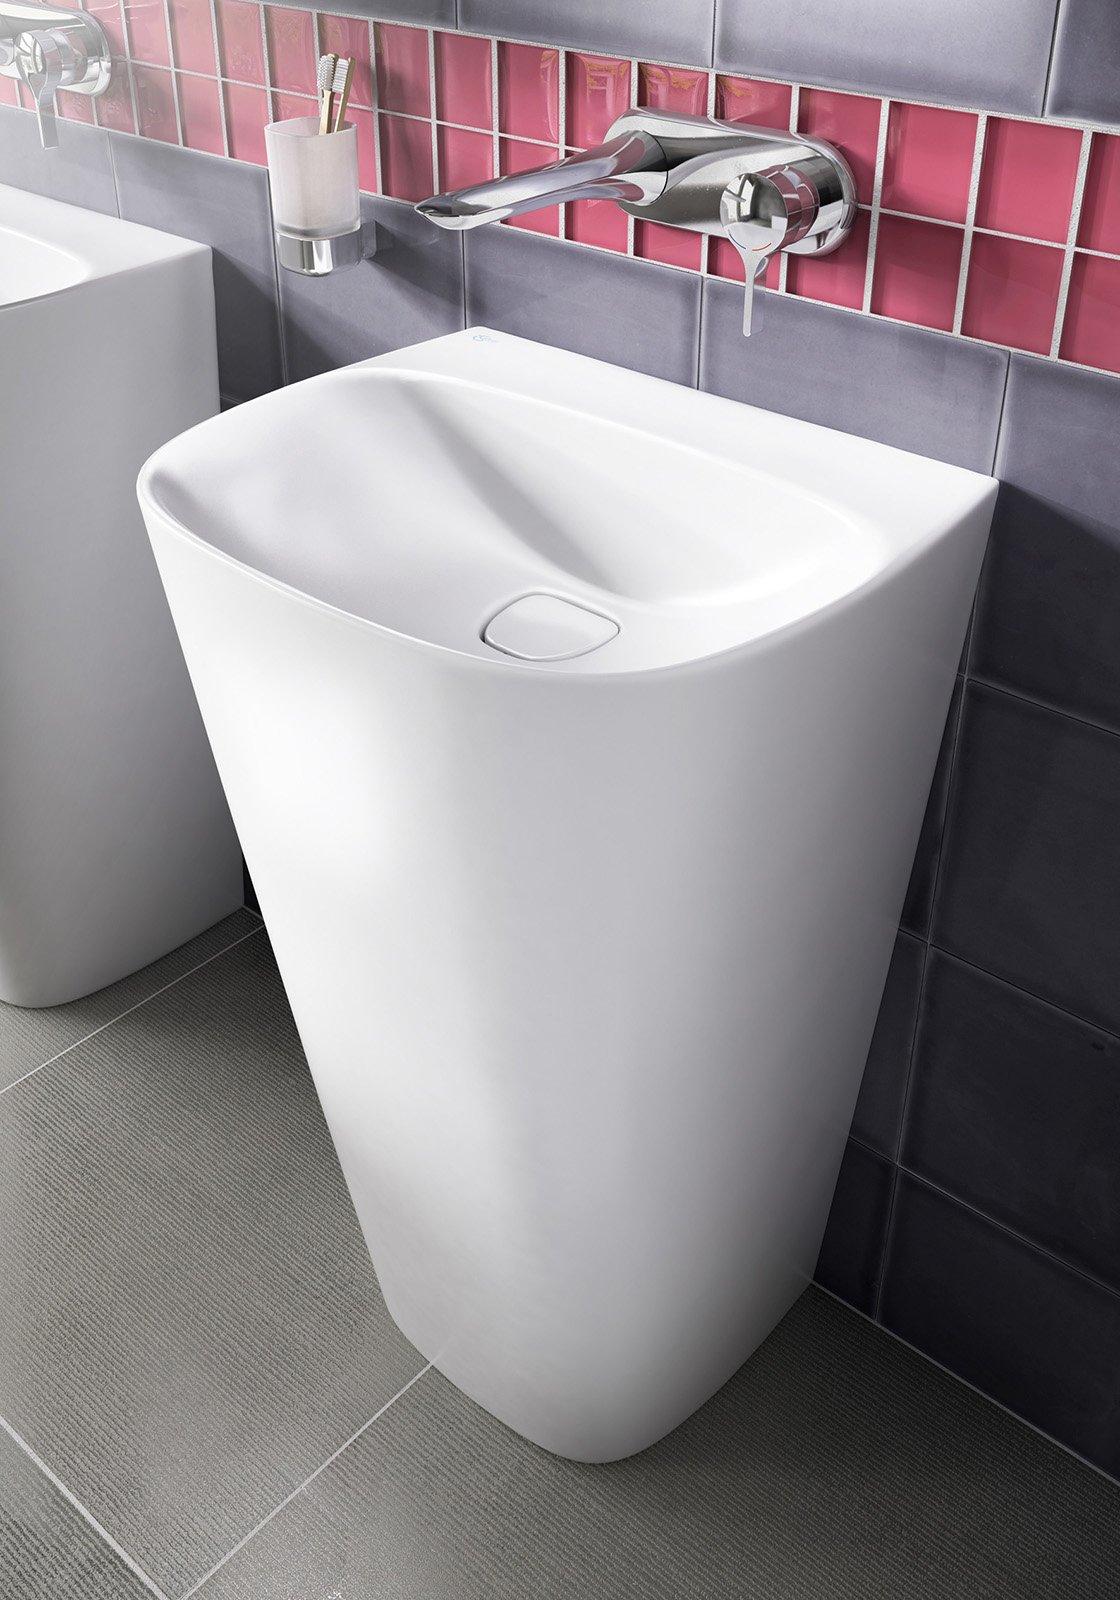 bagno materiali superfici linee che rendono pi facile tenere pulito